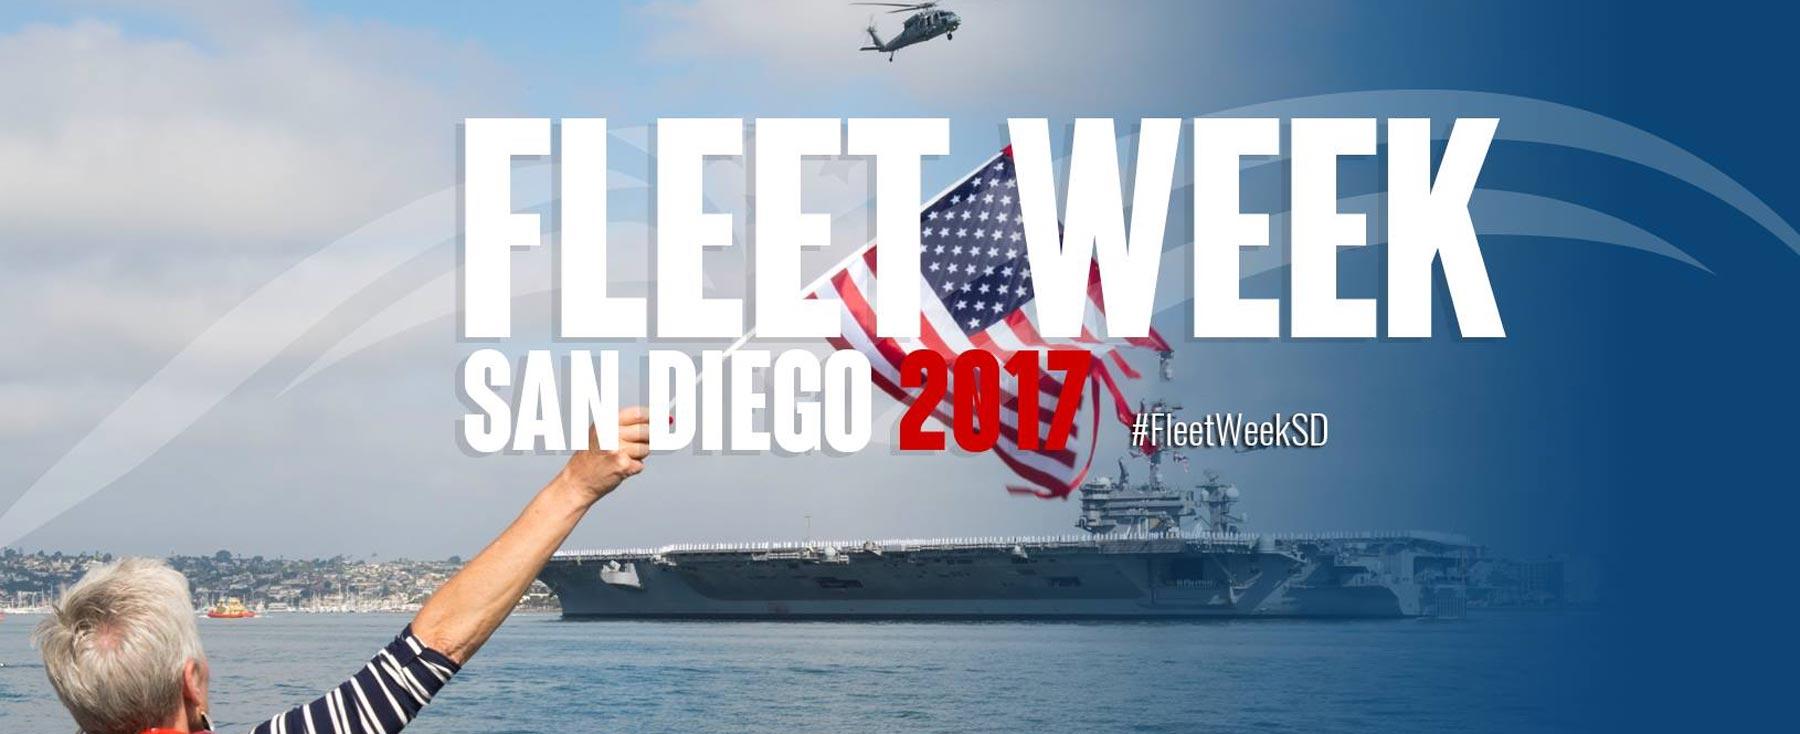 Fleet Week San Diego 2017